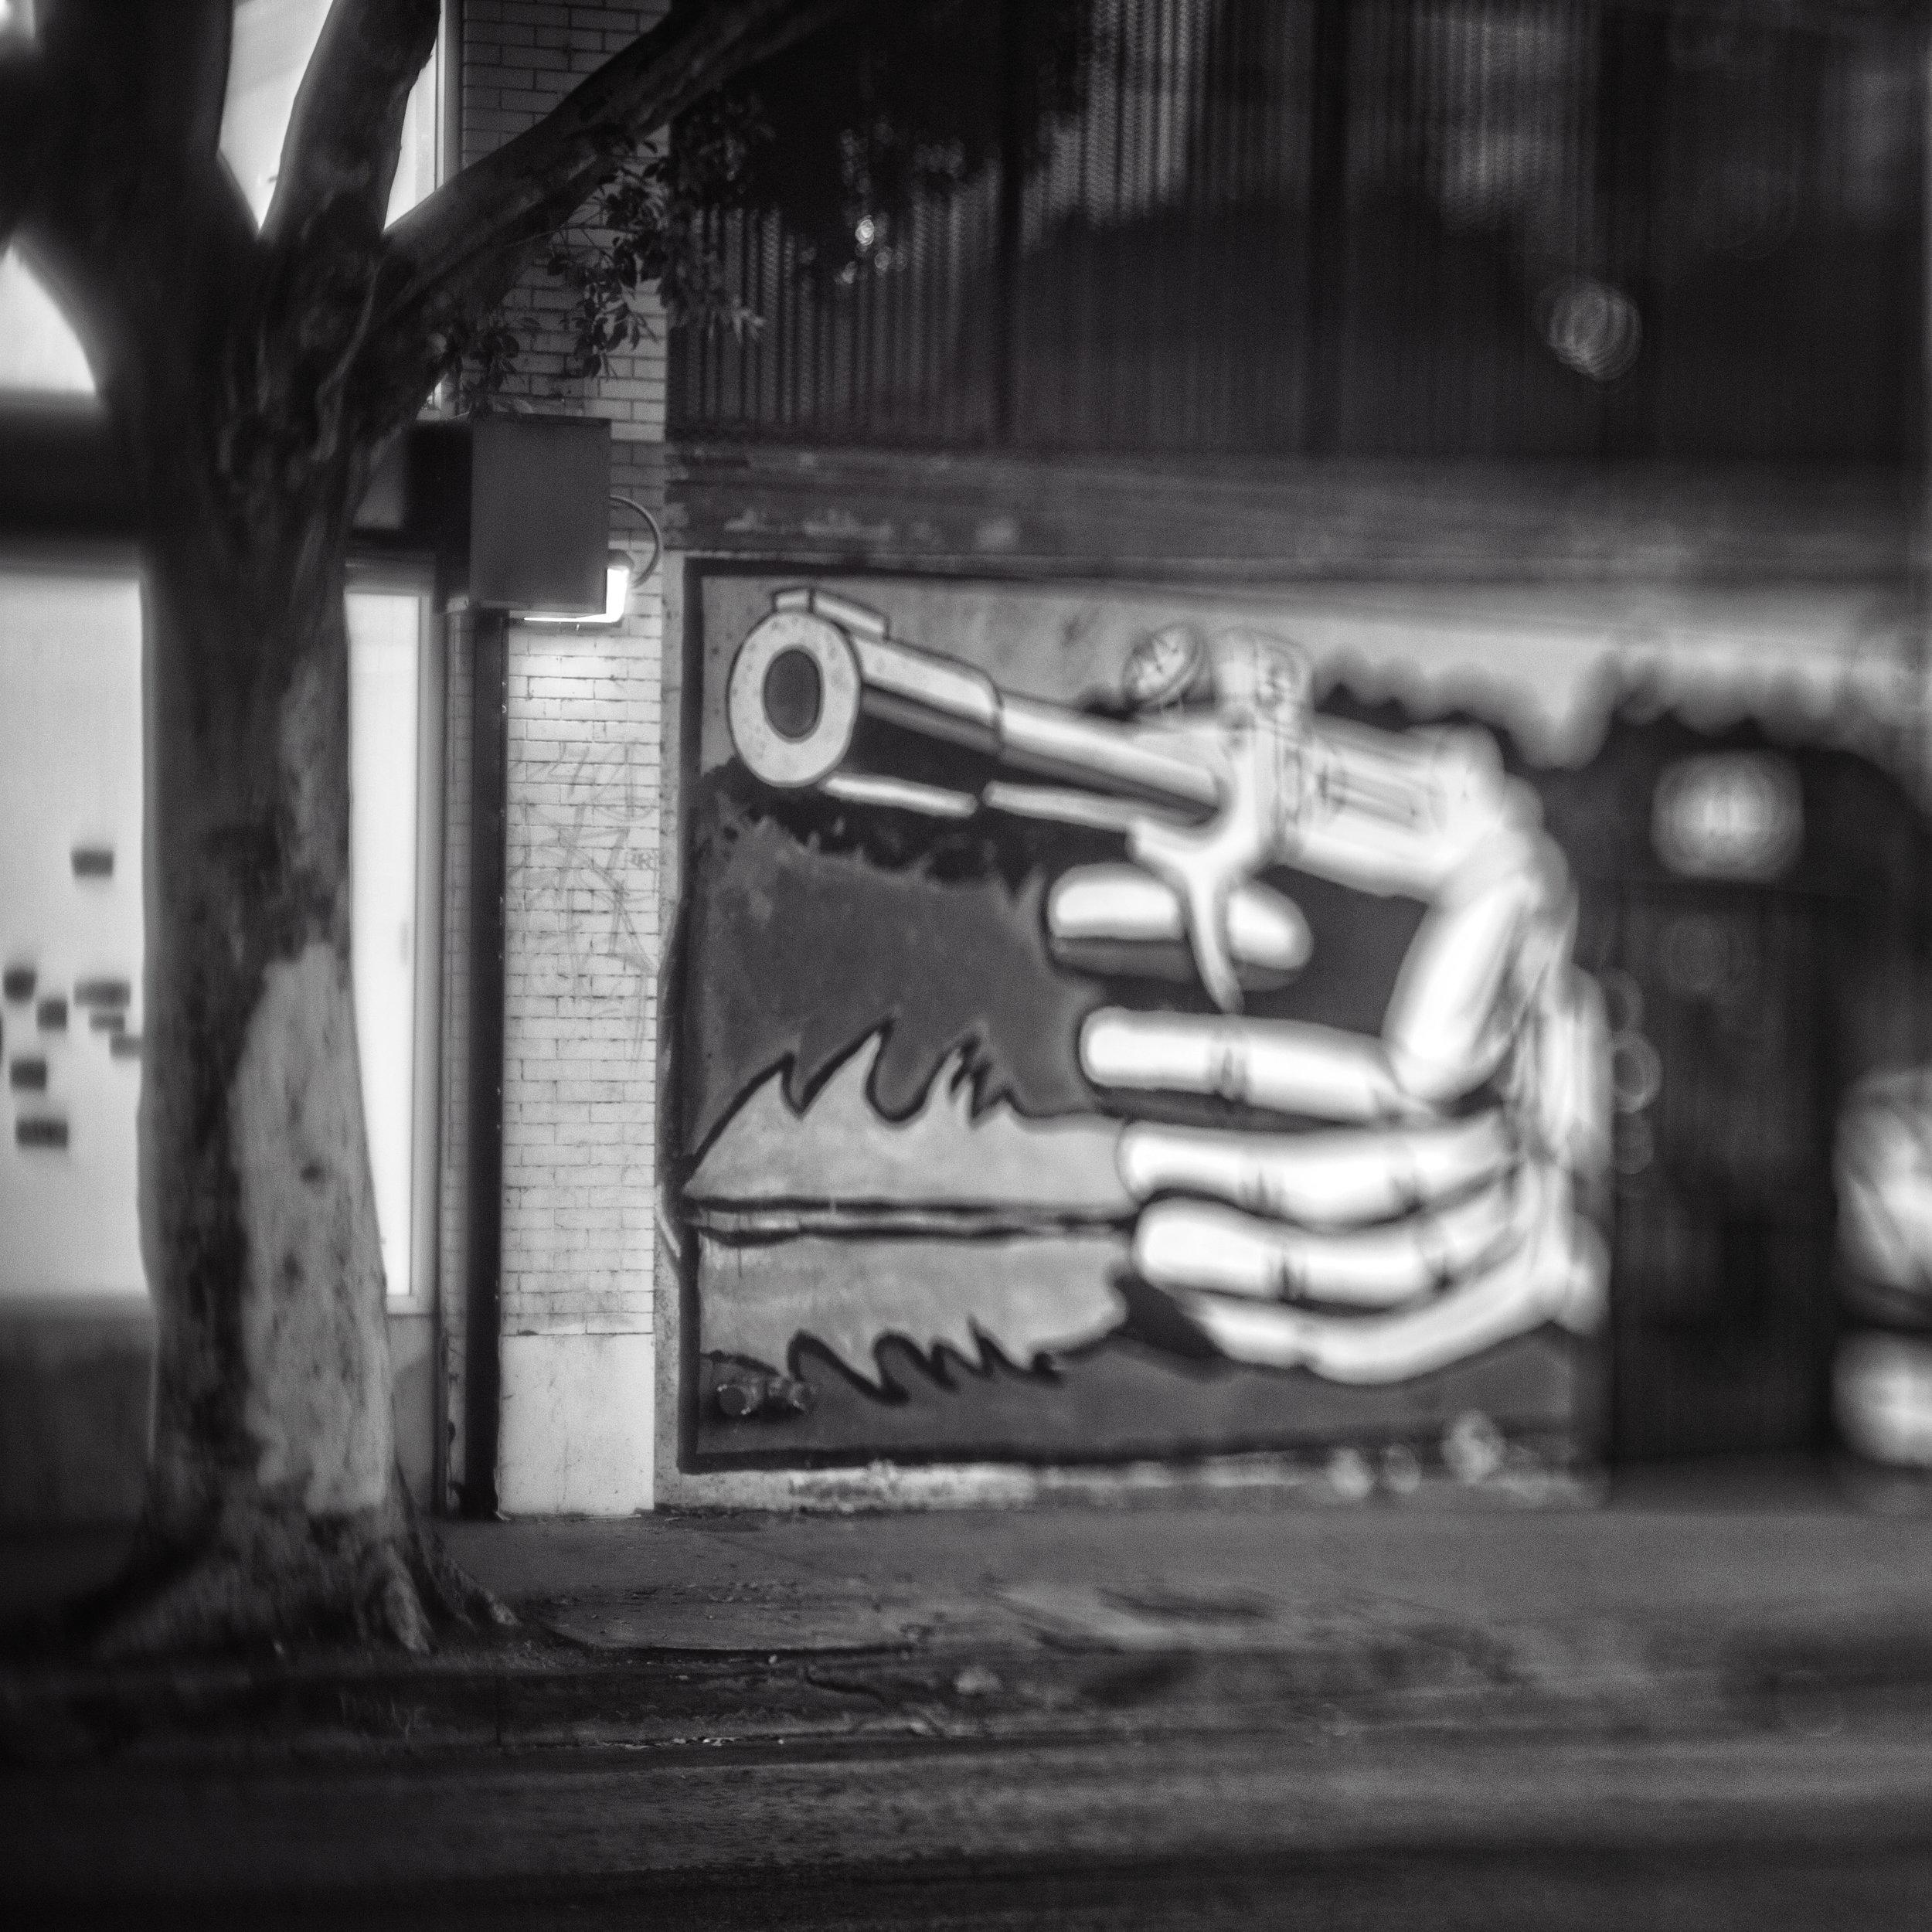 Gun-1.jpg